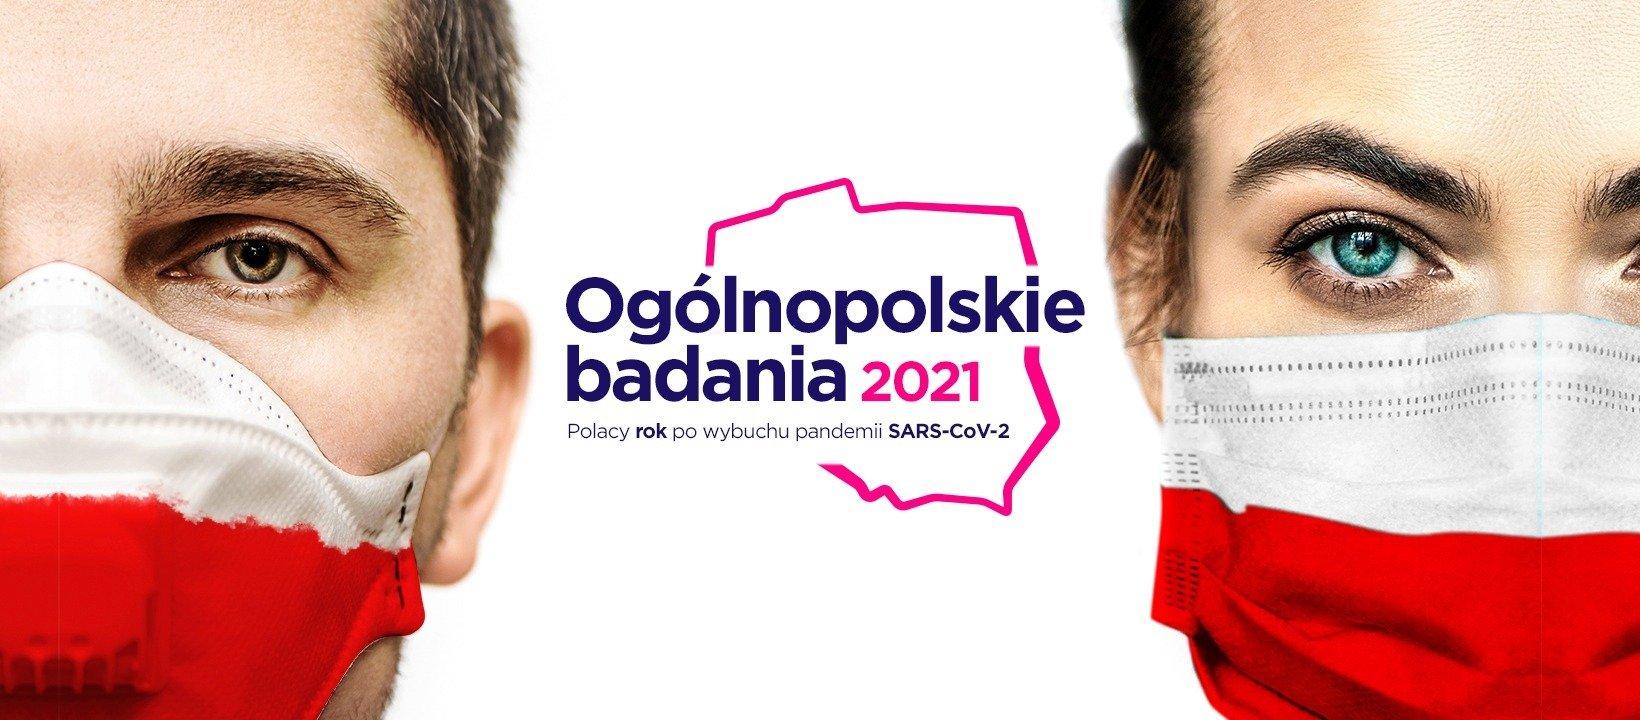 """""""Polacy rok po wybuchu pandemii SARS-CoV-2"""" - najnowszy raport Fundacji Aflofarm"""